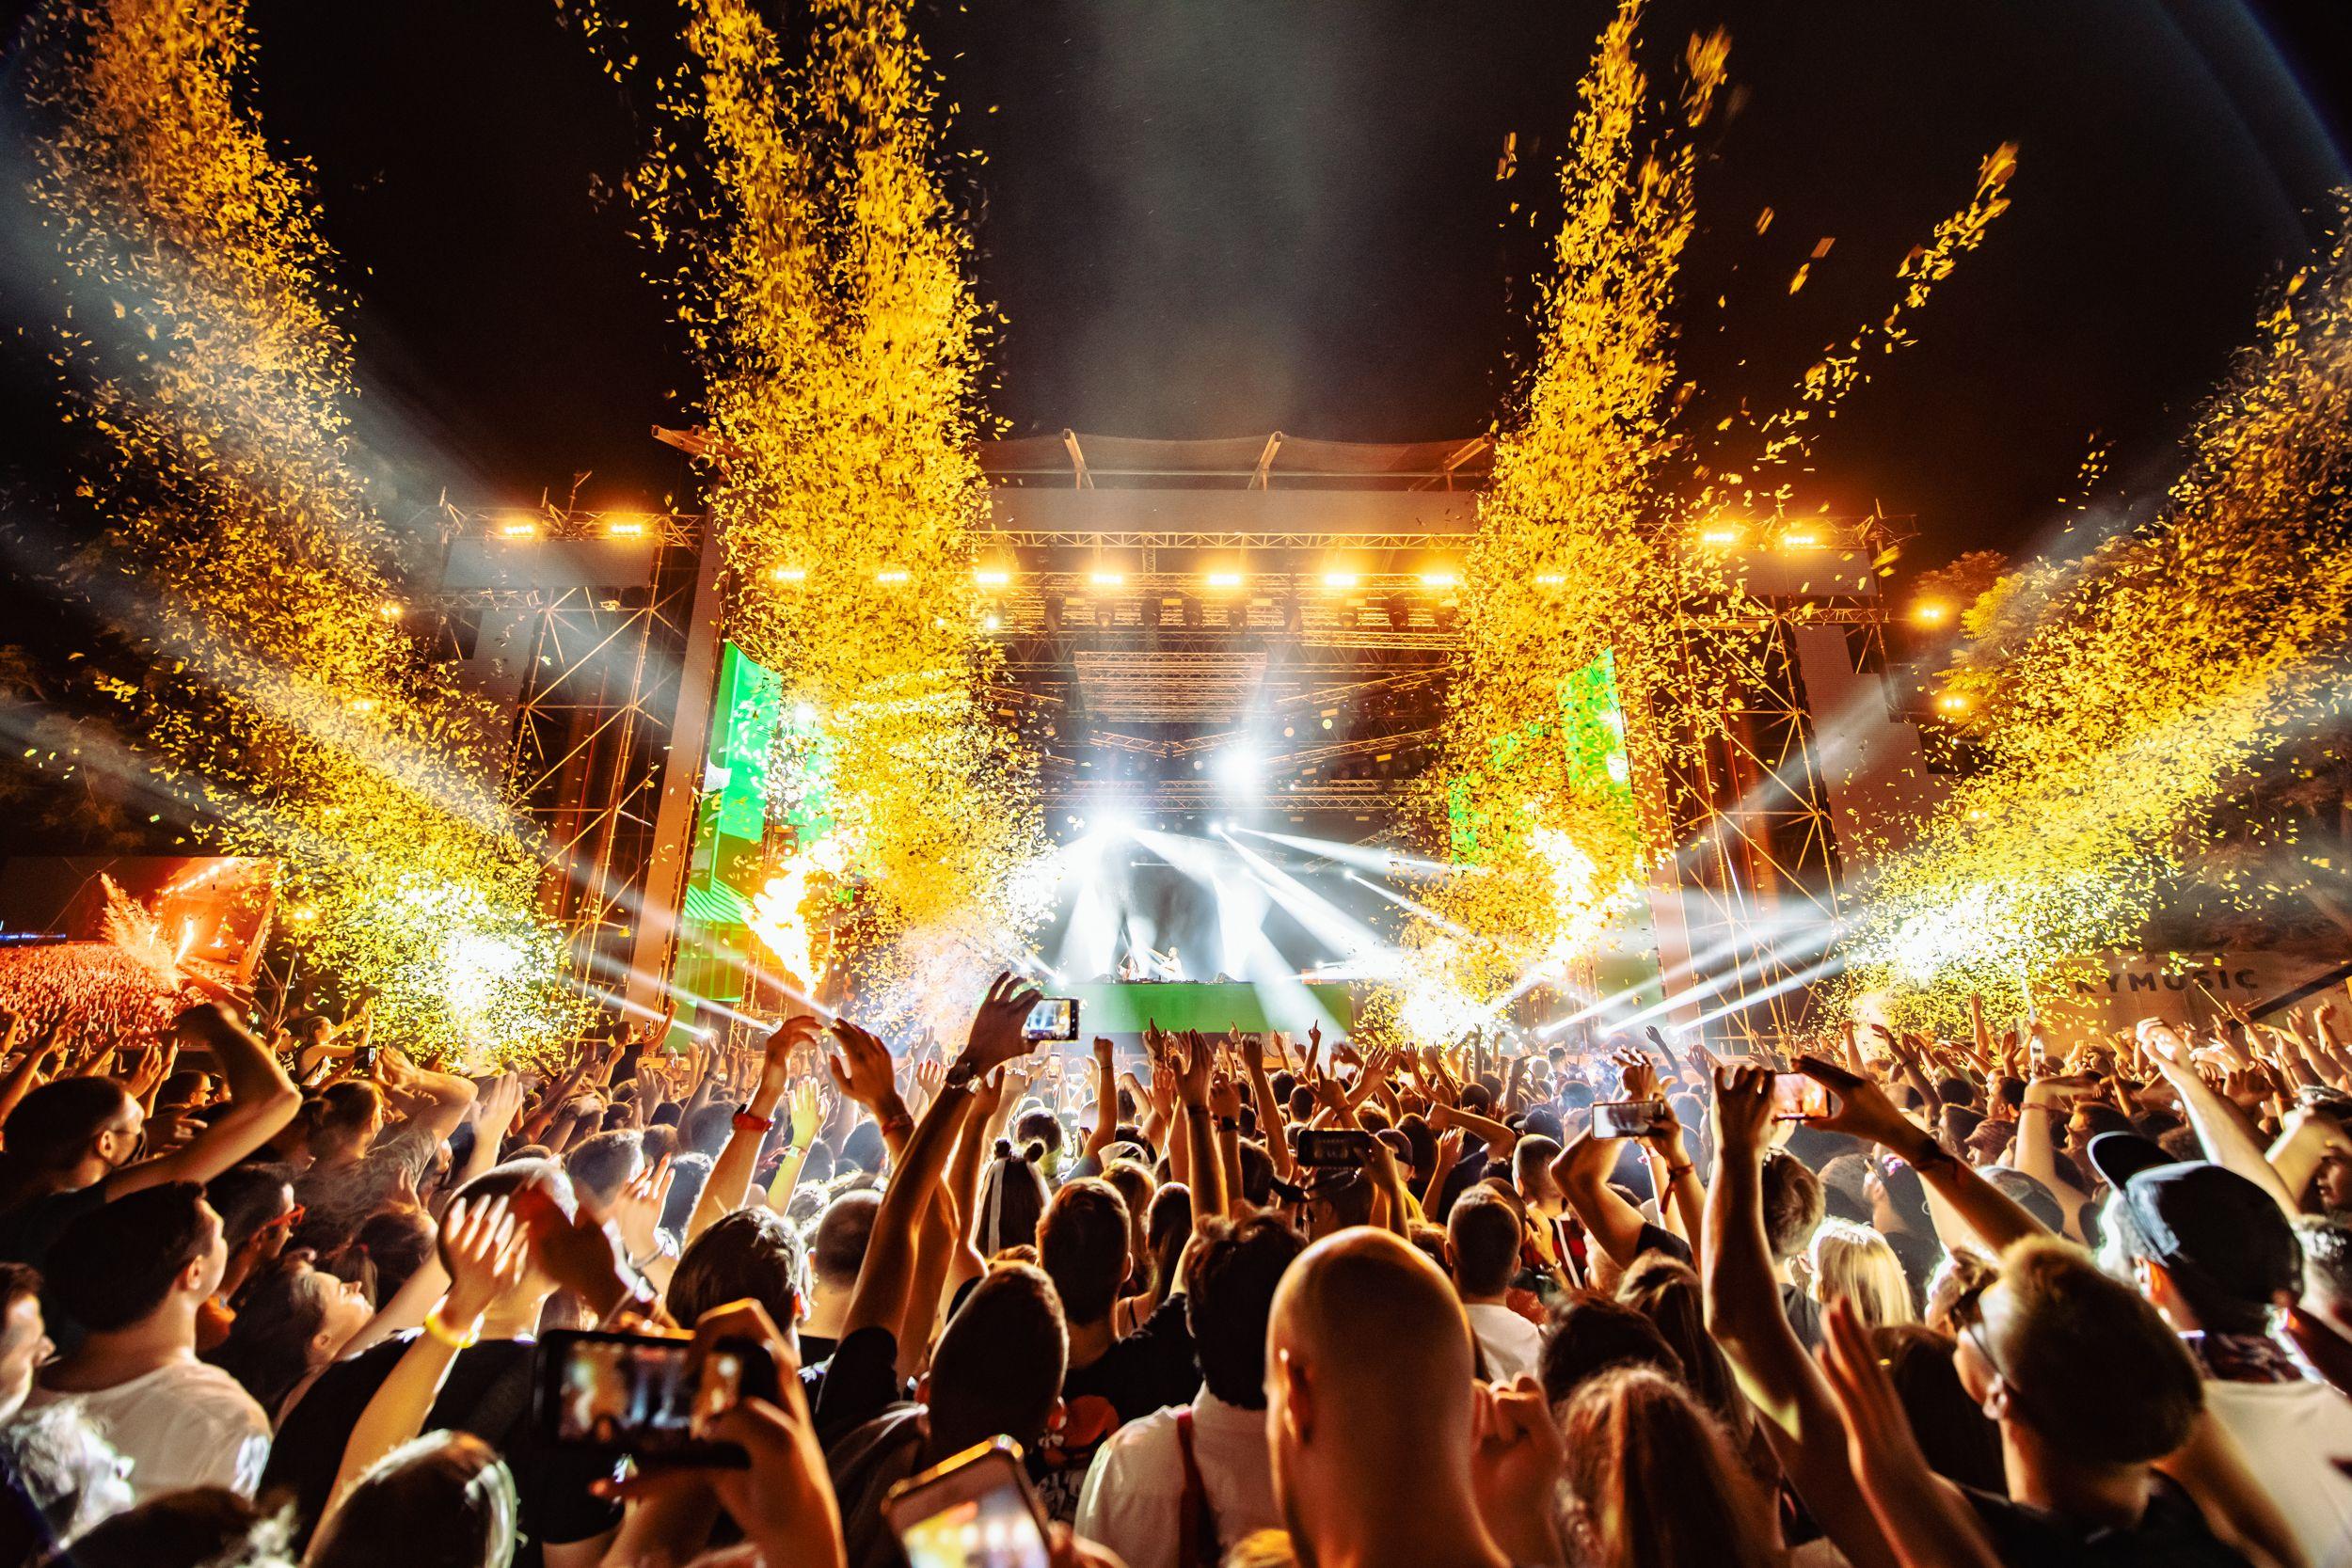 180 000 фенове отпразнуваха живота заедно, тъй като фестивалът EXIT в Сърбия стана първият голям европейски фестивал, който се проведе това лято